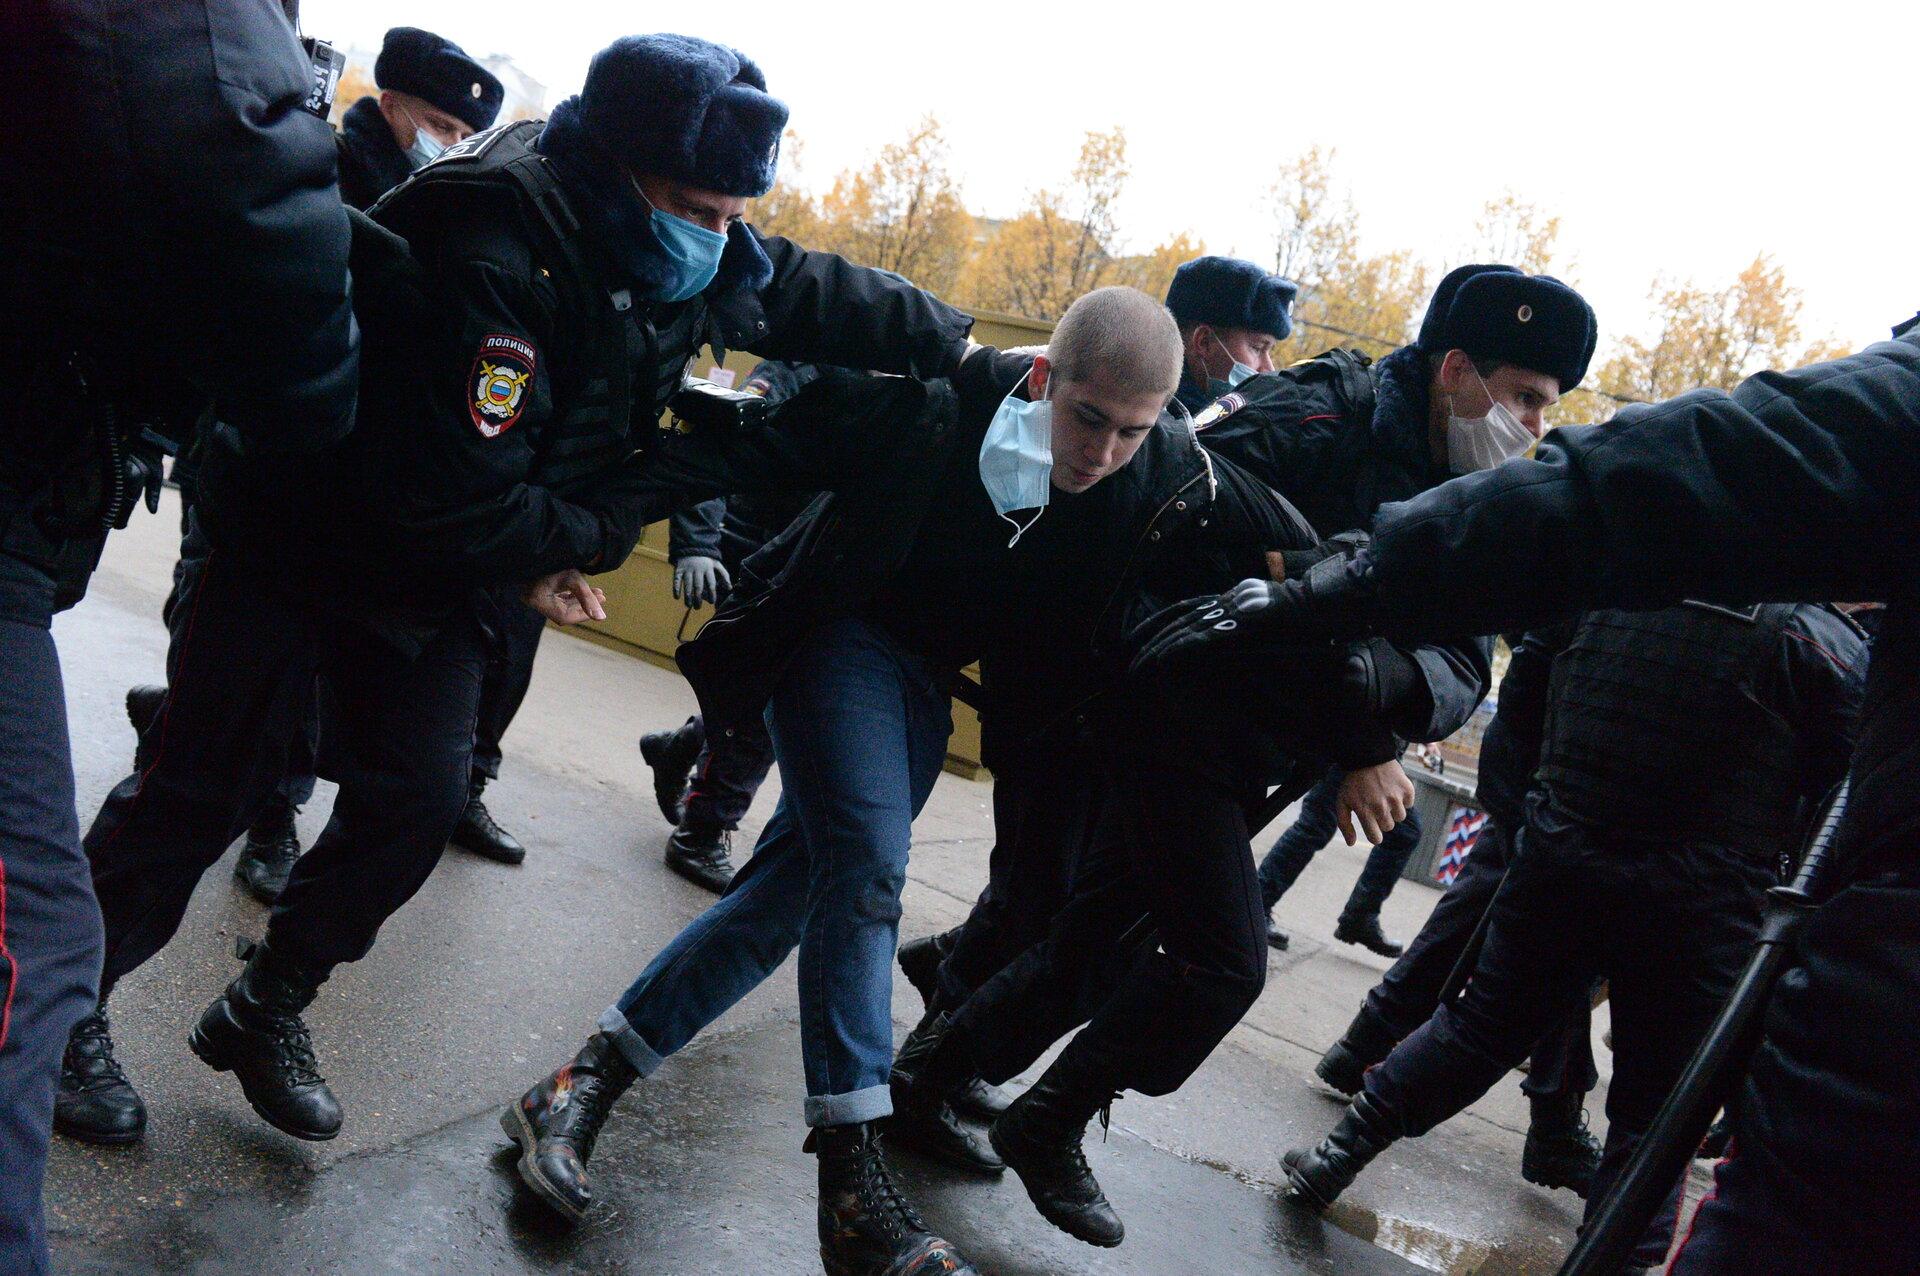 Празднично: В Москве начались массовые задержания участников «Русского марша»